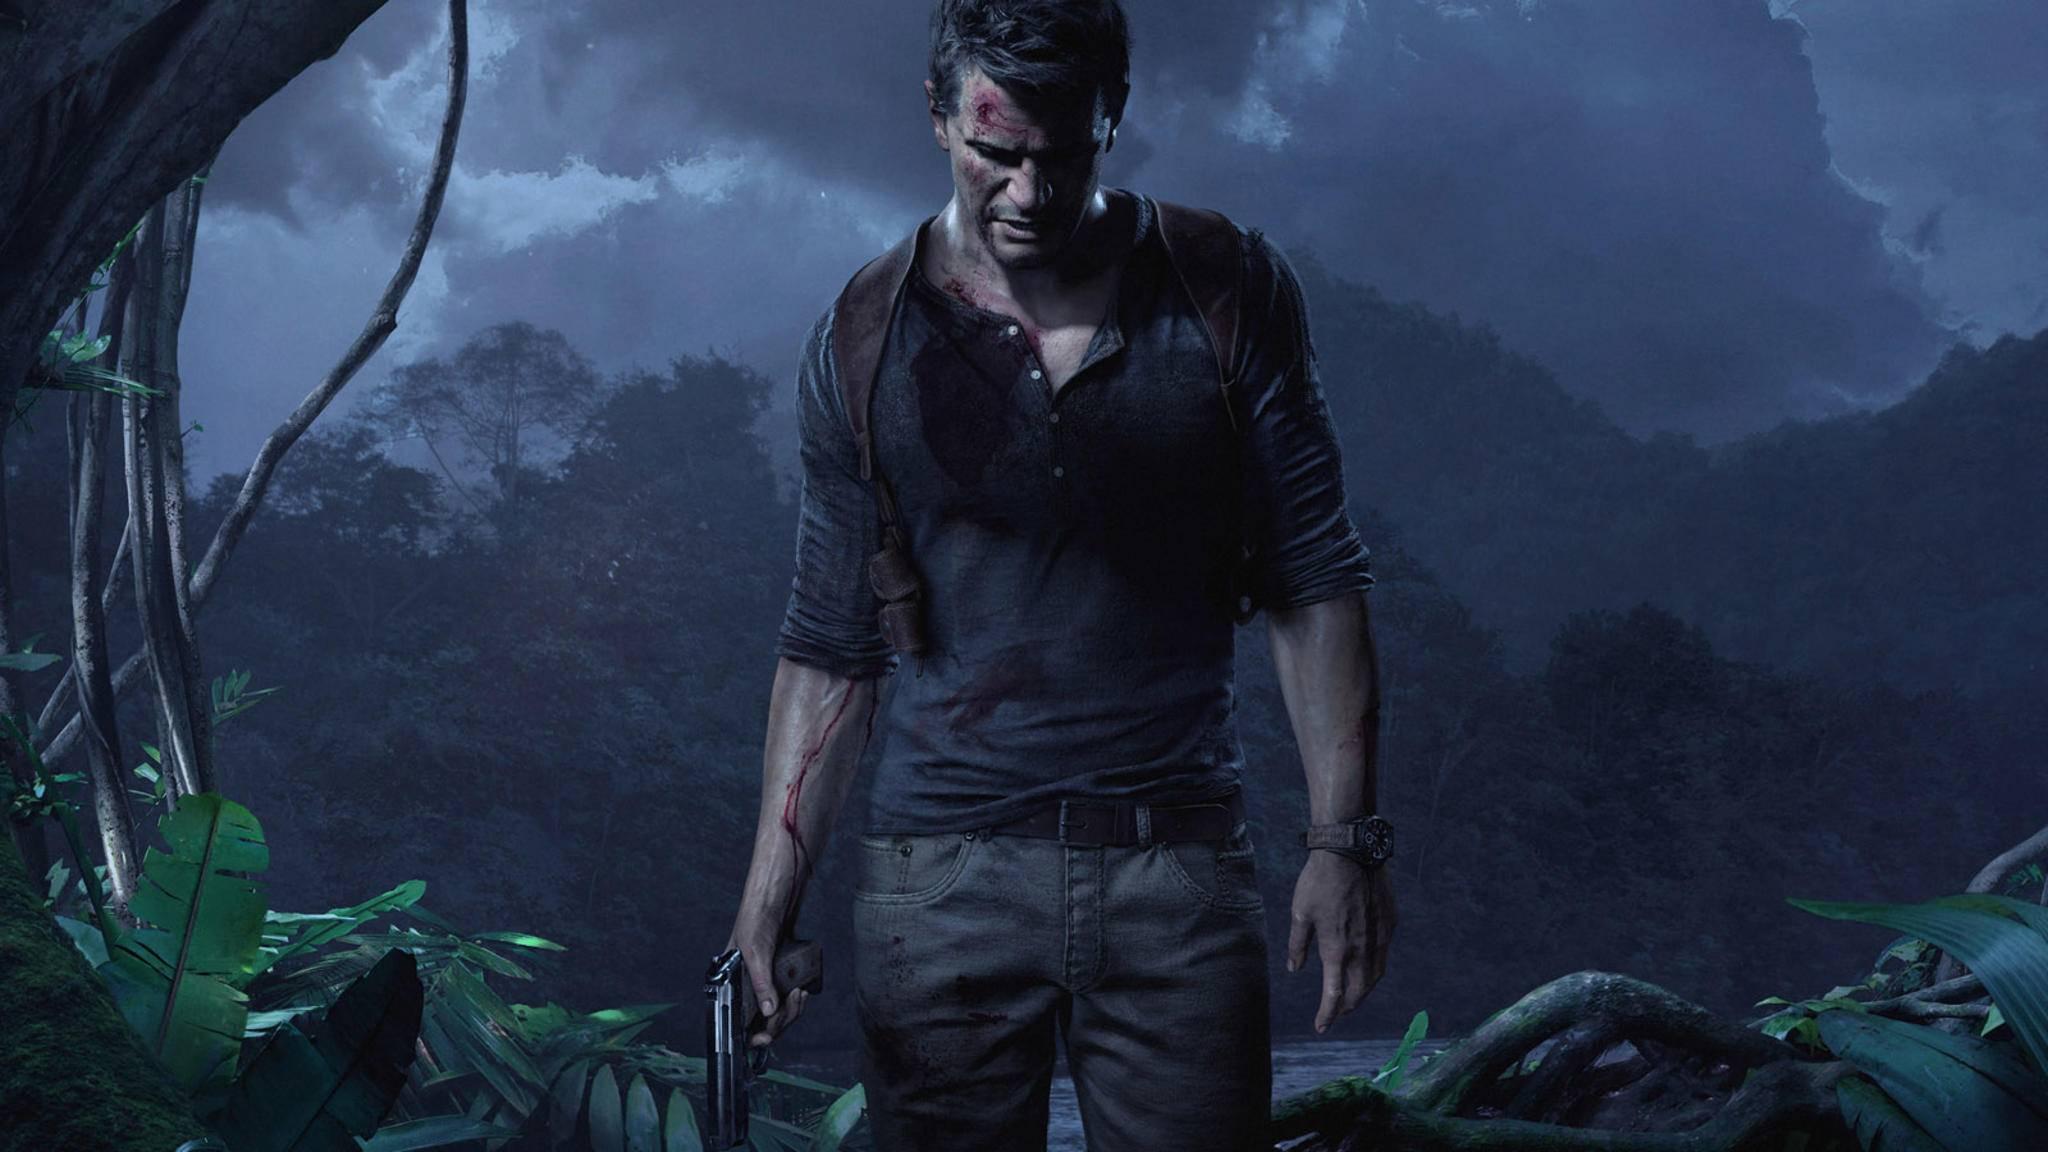 """Da isser traurig, der Nathan: Mit Kumpels """"Uncharted 3"""" auf der PS3 zocken geht nicht mehr lange."""